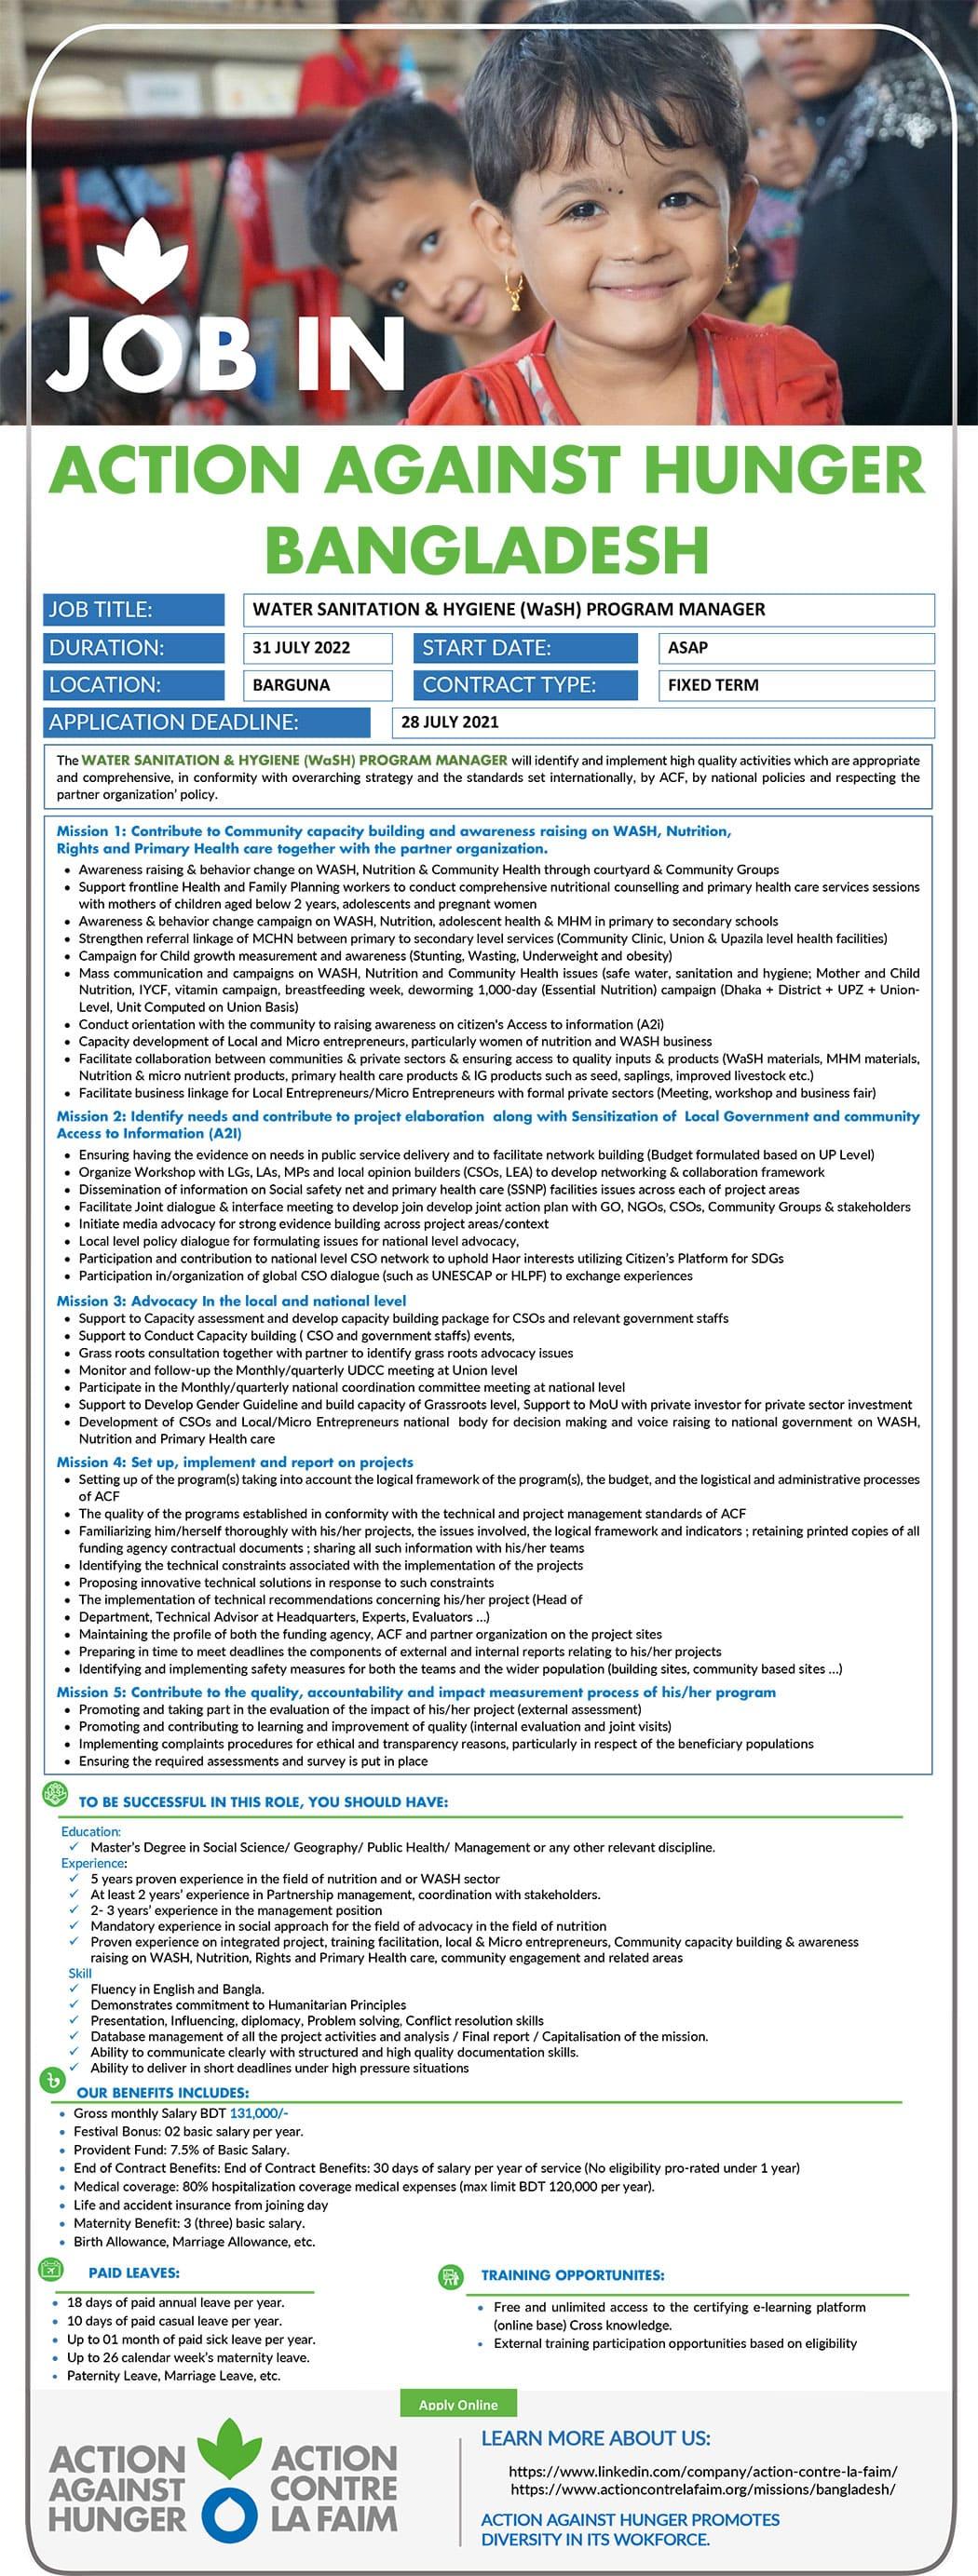 Action Contre La Faim ACF Job Circular 2021